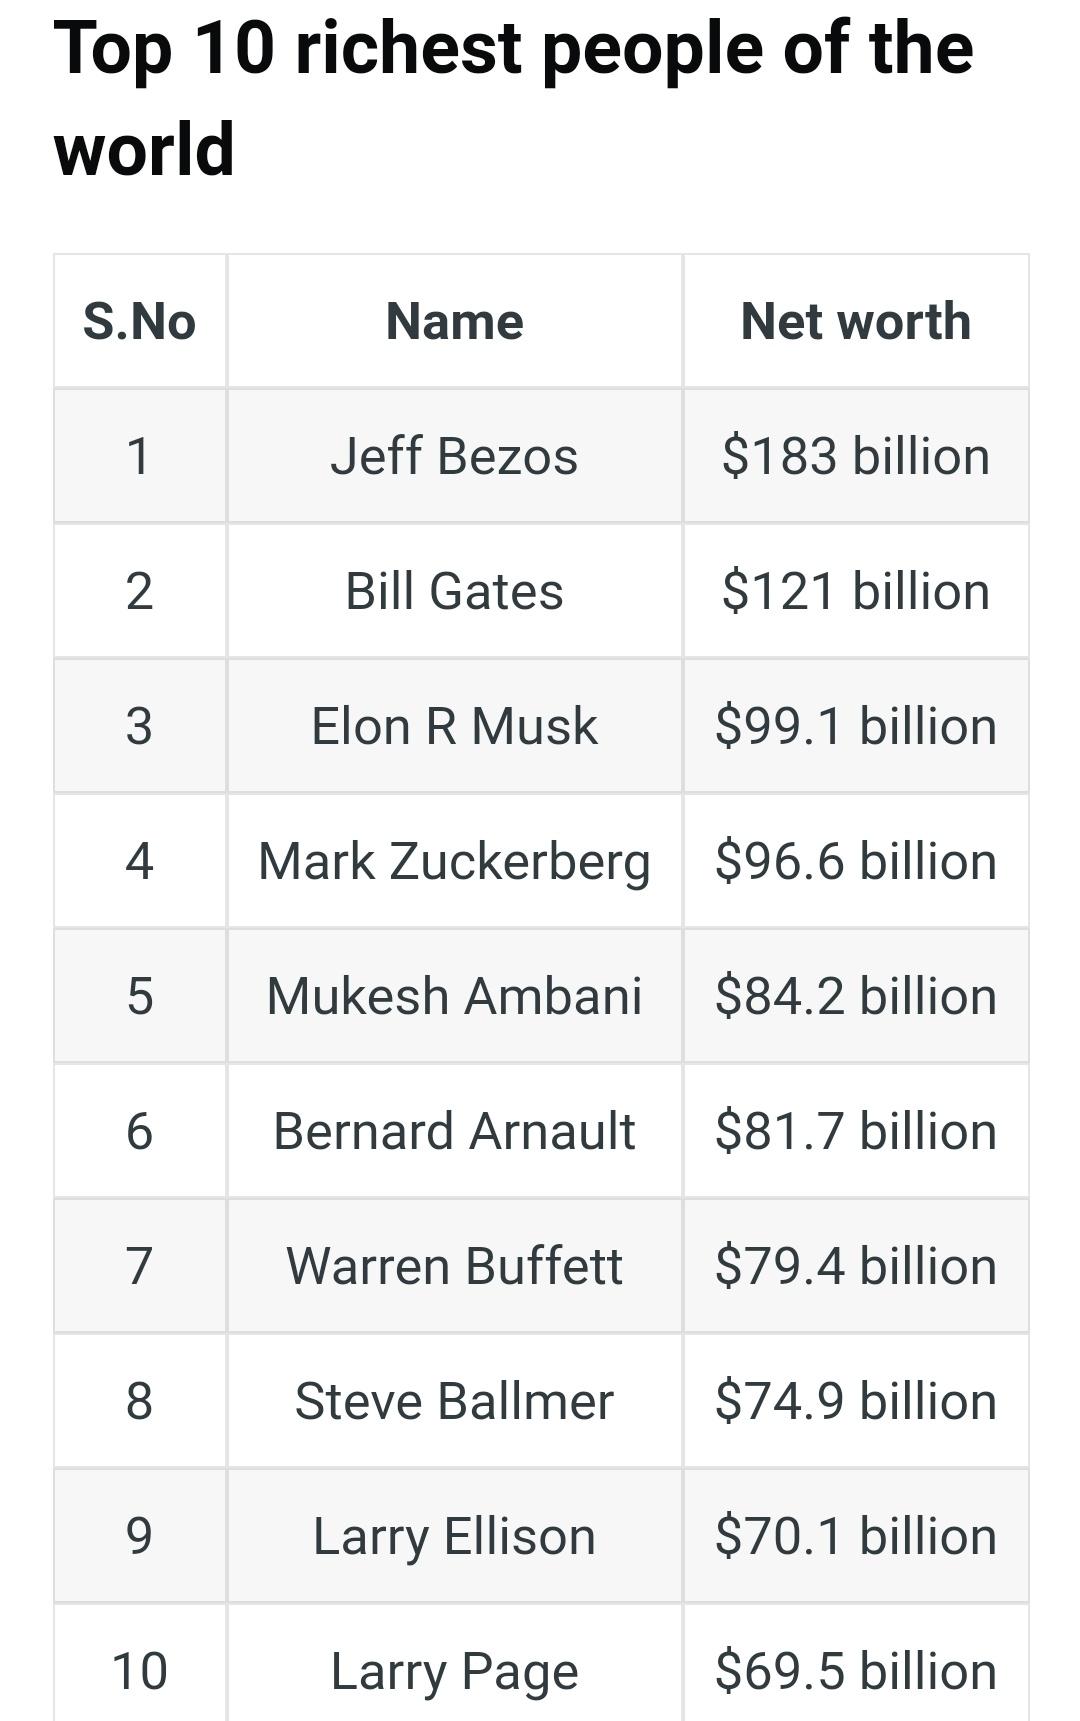 दुनिया के शीर्ष 10 सबसे अमीर लोगों की सूची, उनकी कुल संपत्ति 1